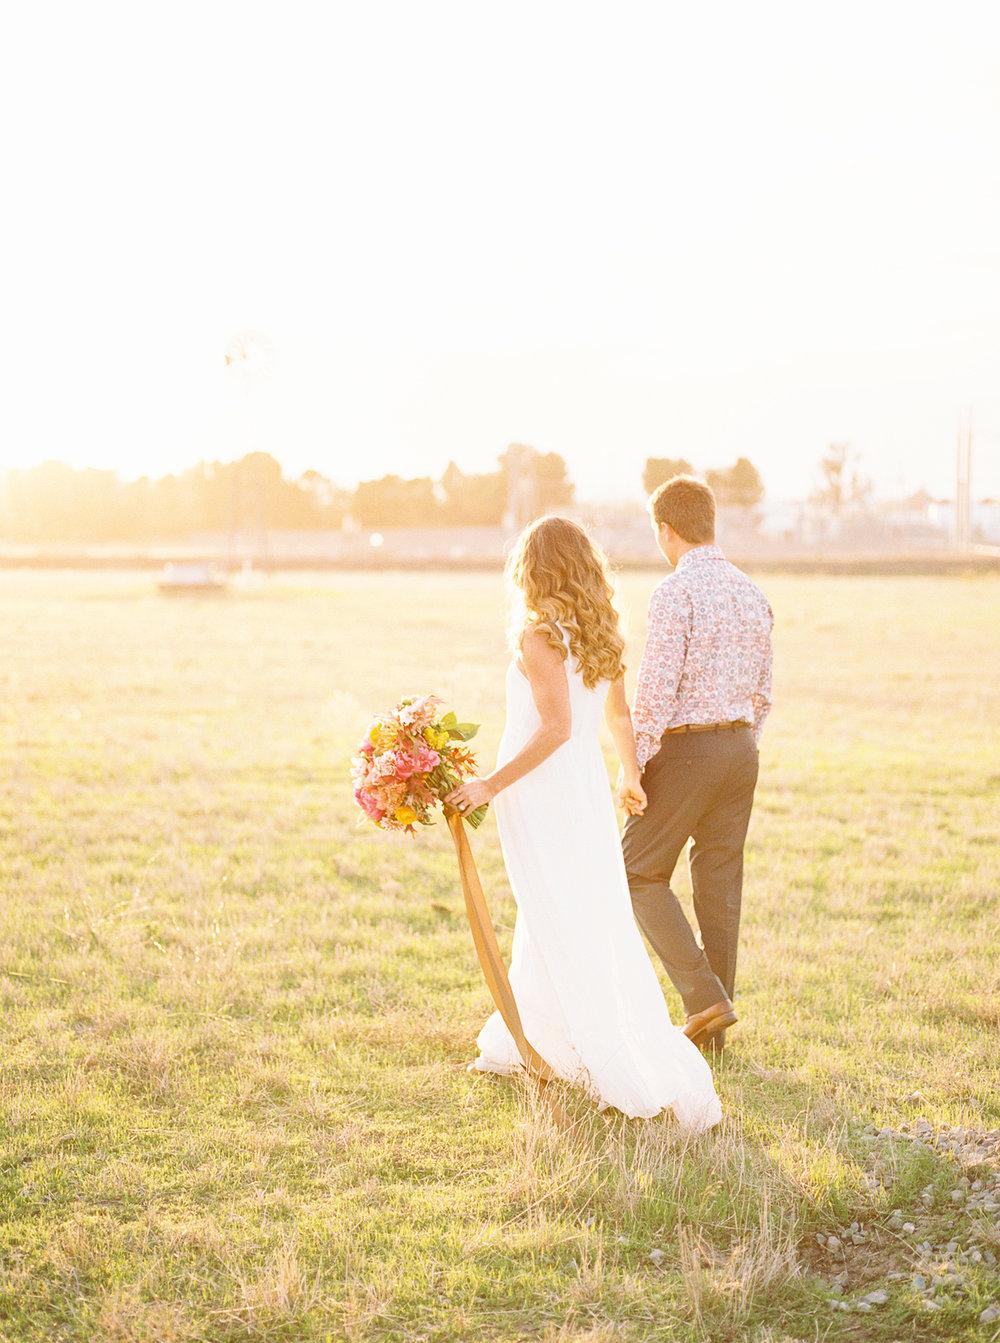 new-mexico-wedding-photographer-skylar-rain-photography-d-p.jpg